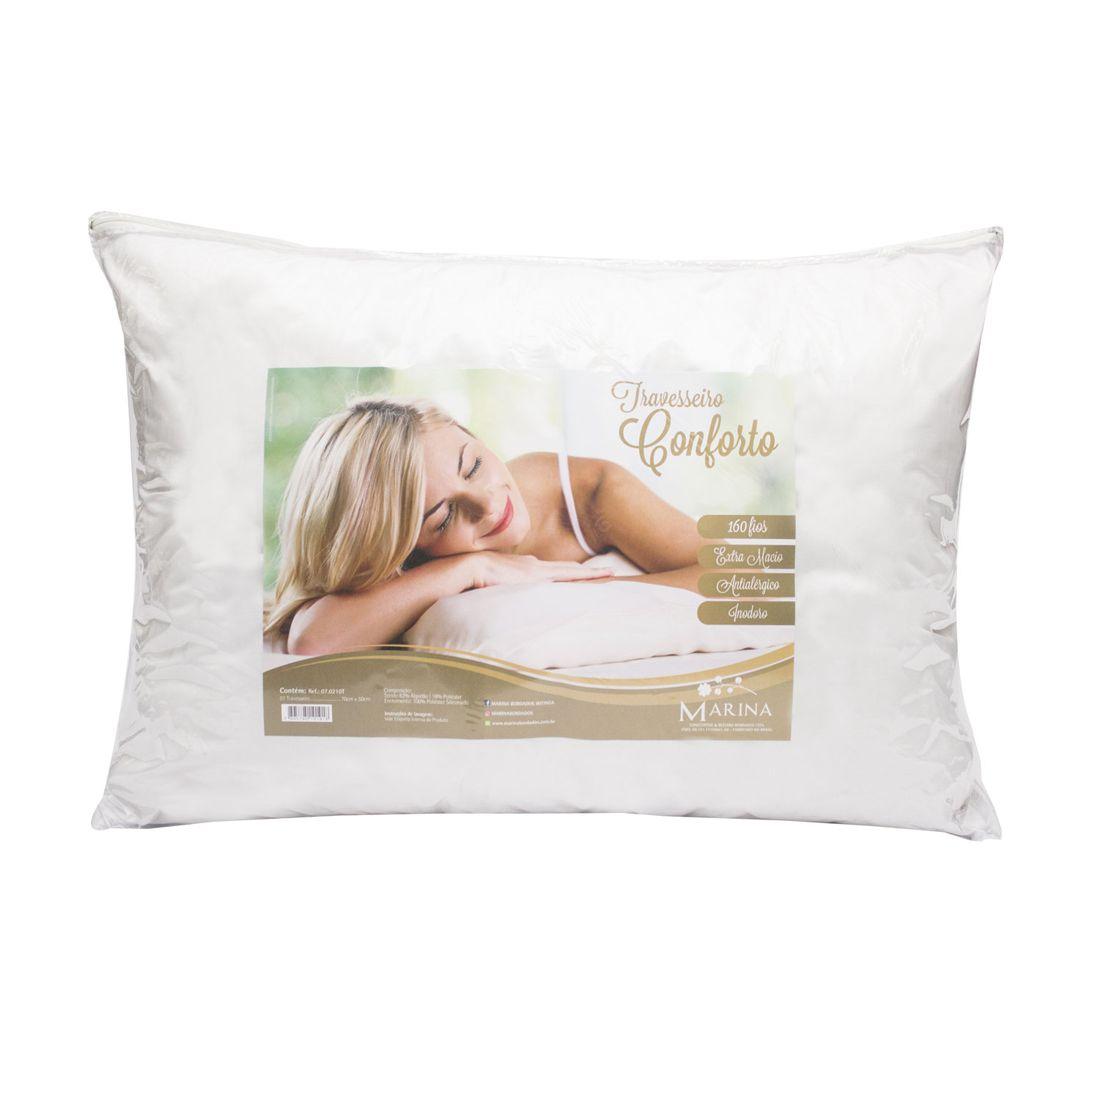 Travesseiro Avulso Conforto Branco - Fibra Siliconada